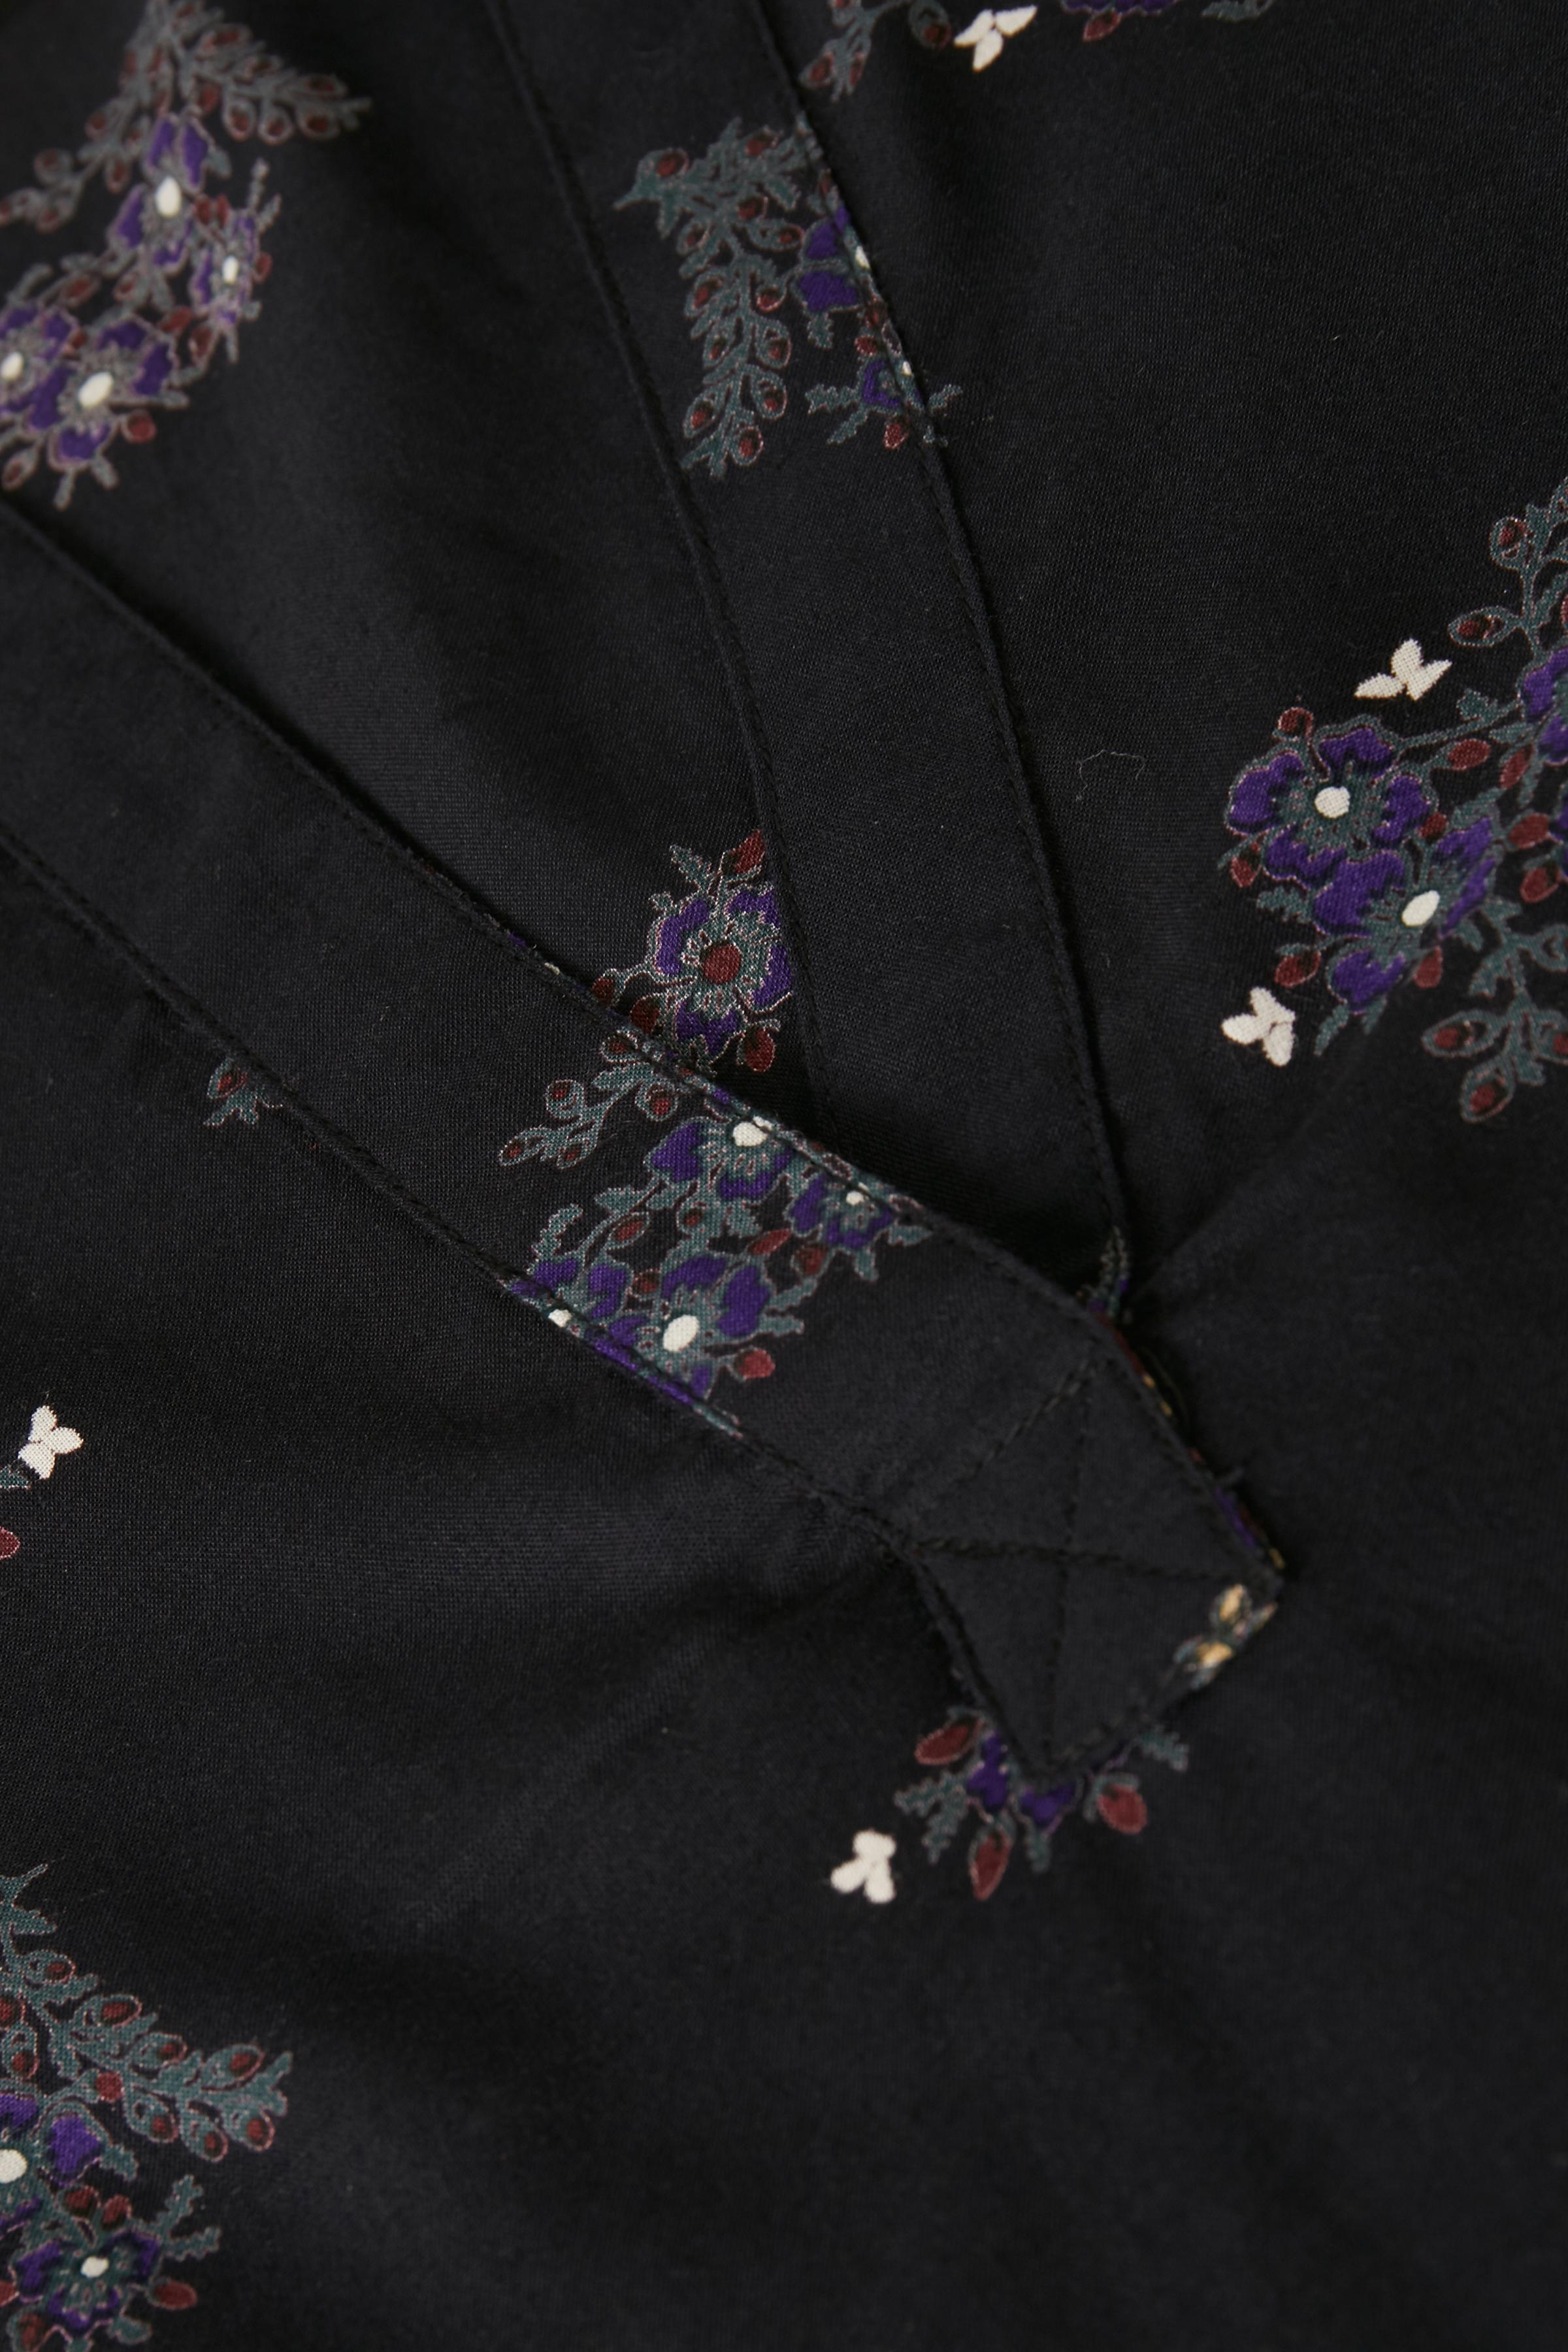 Schwarz Langarm-Bluse von Kaffe – Shoppen Sie Schwarz Langarm-Bluse ab Gr. 34-46 hier